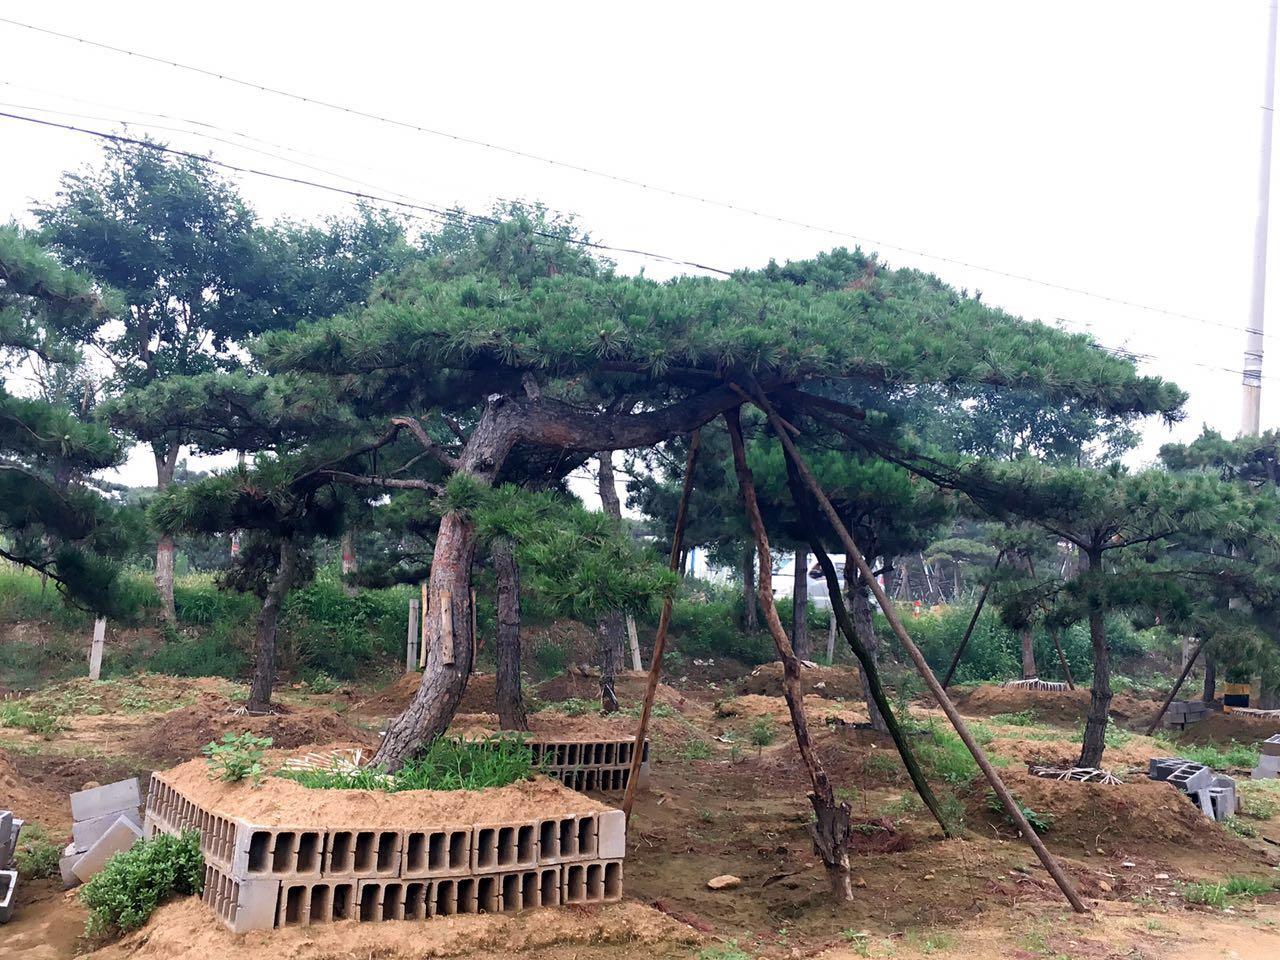 面對解決景觀松樹冠狹窄的問題,該如何解決?